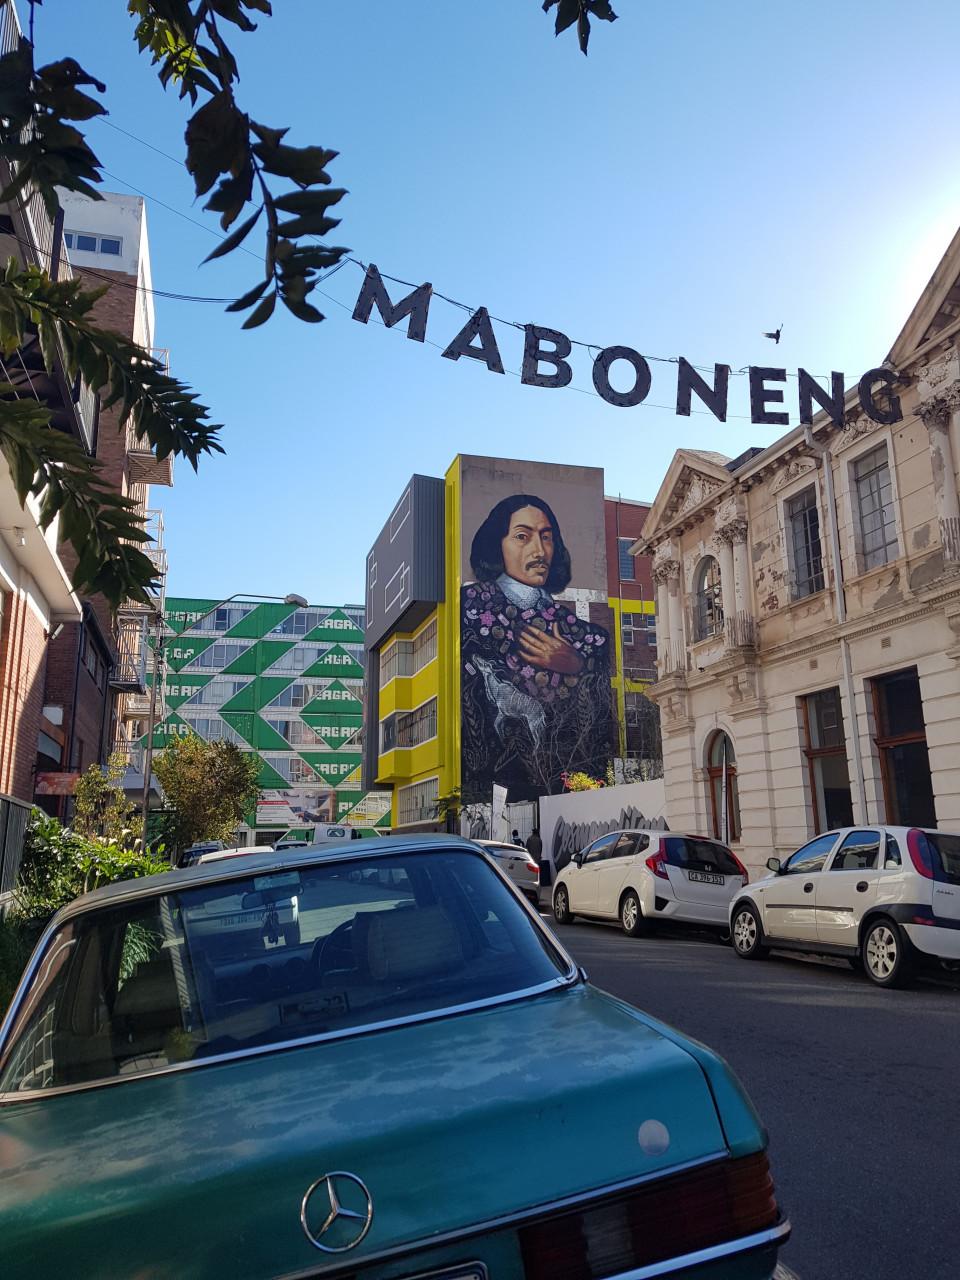 Le quartier branché de Maboneng à Johannesburg. (© Chloé OBARA))